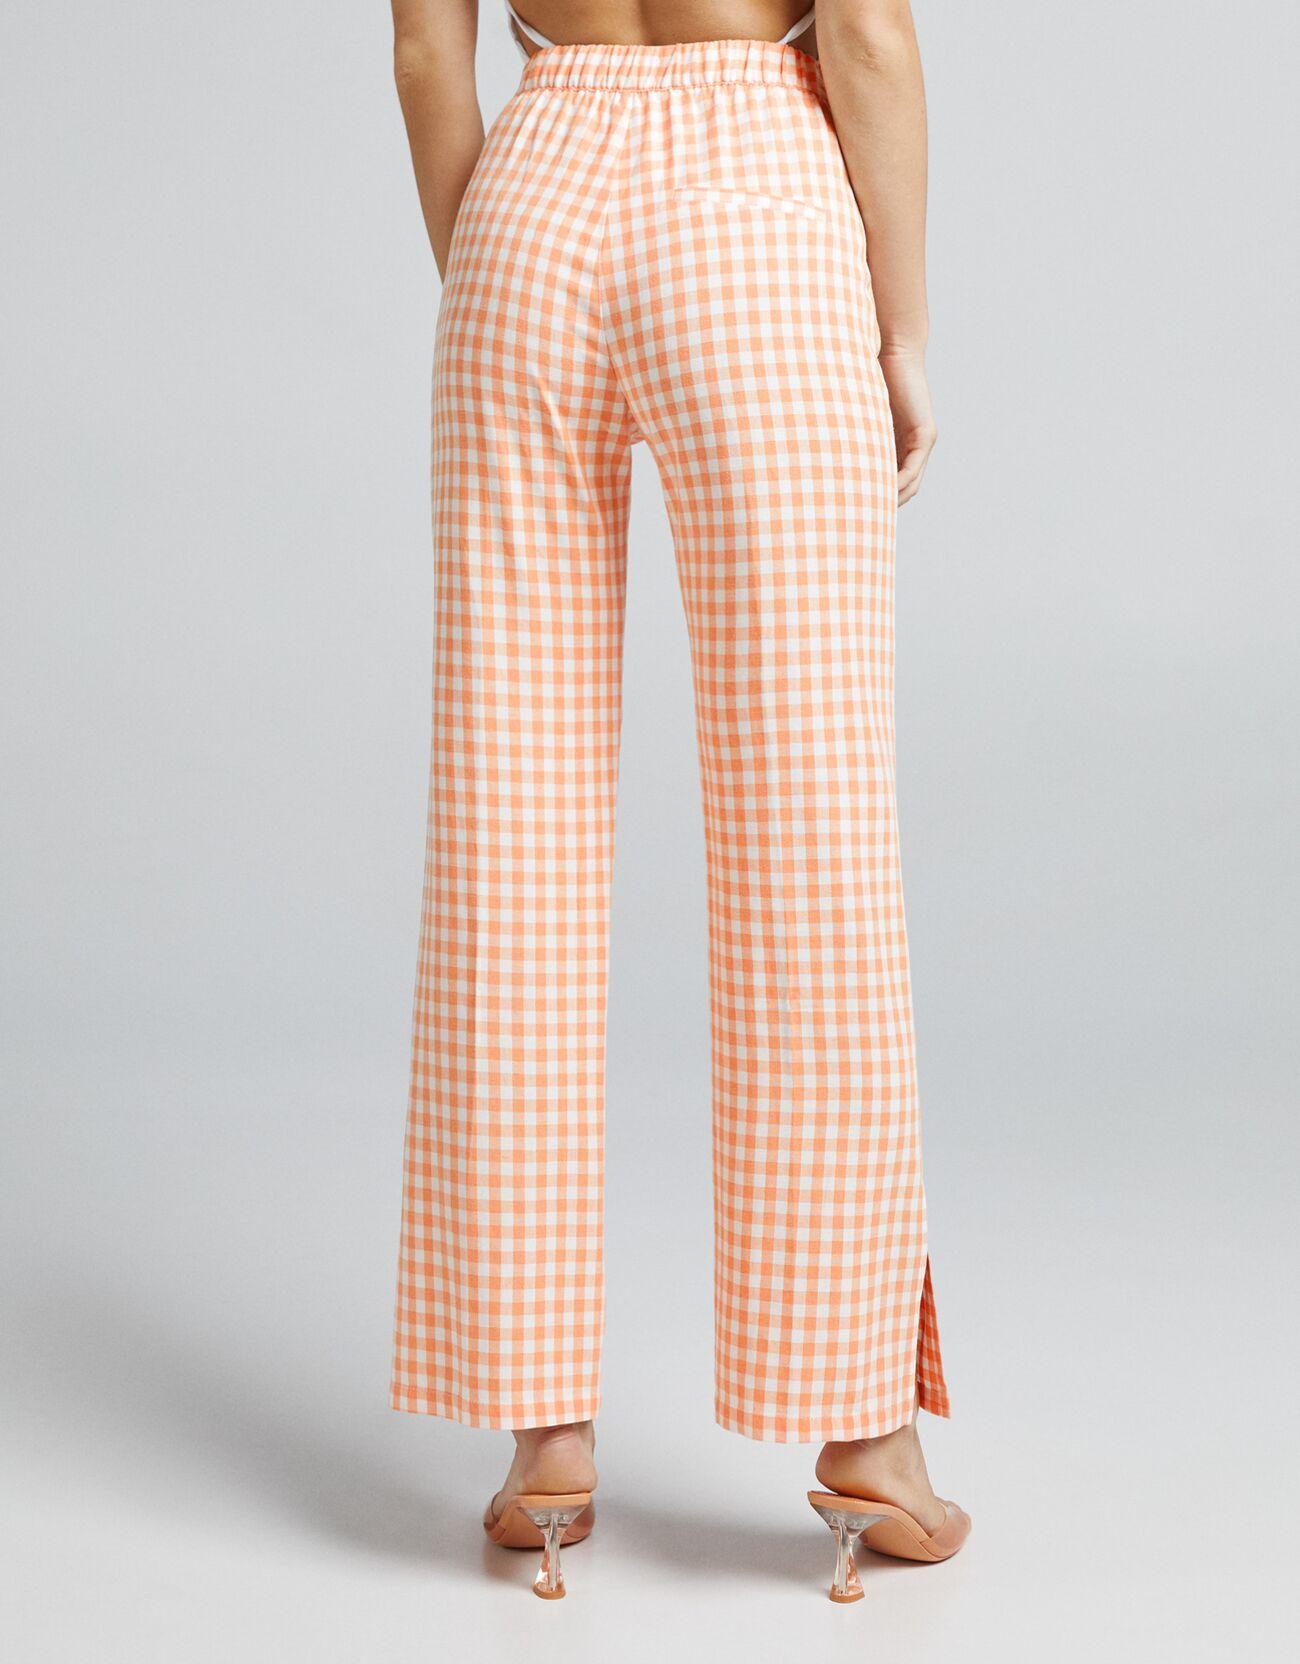 Льняные брюки прямого кроя в клетку виши Оранжевый Bershka